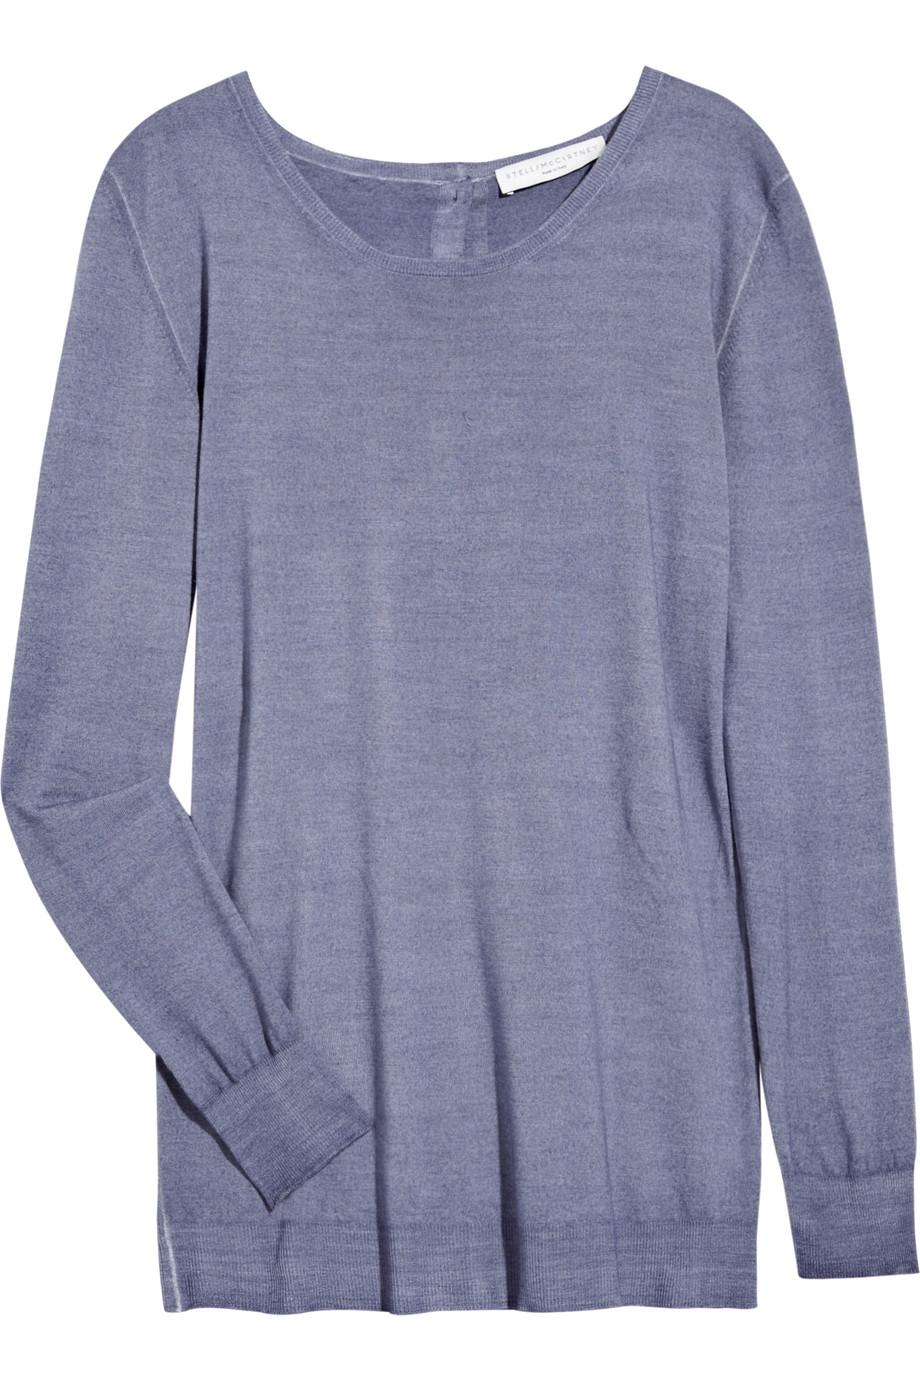 Wool Sweater Grey: Stella Mccartney Buttoned-back Wool Sweater In Blue